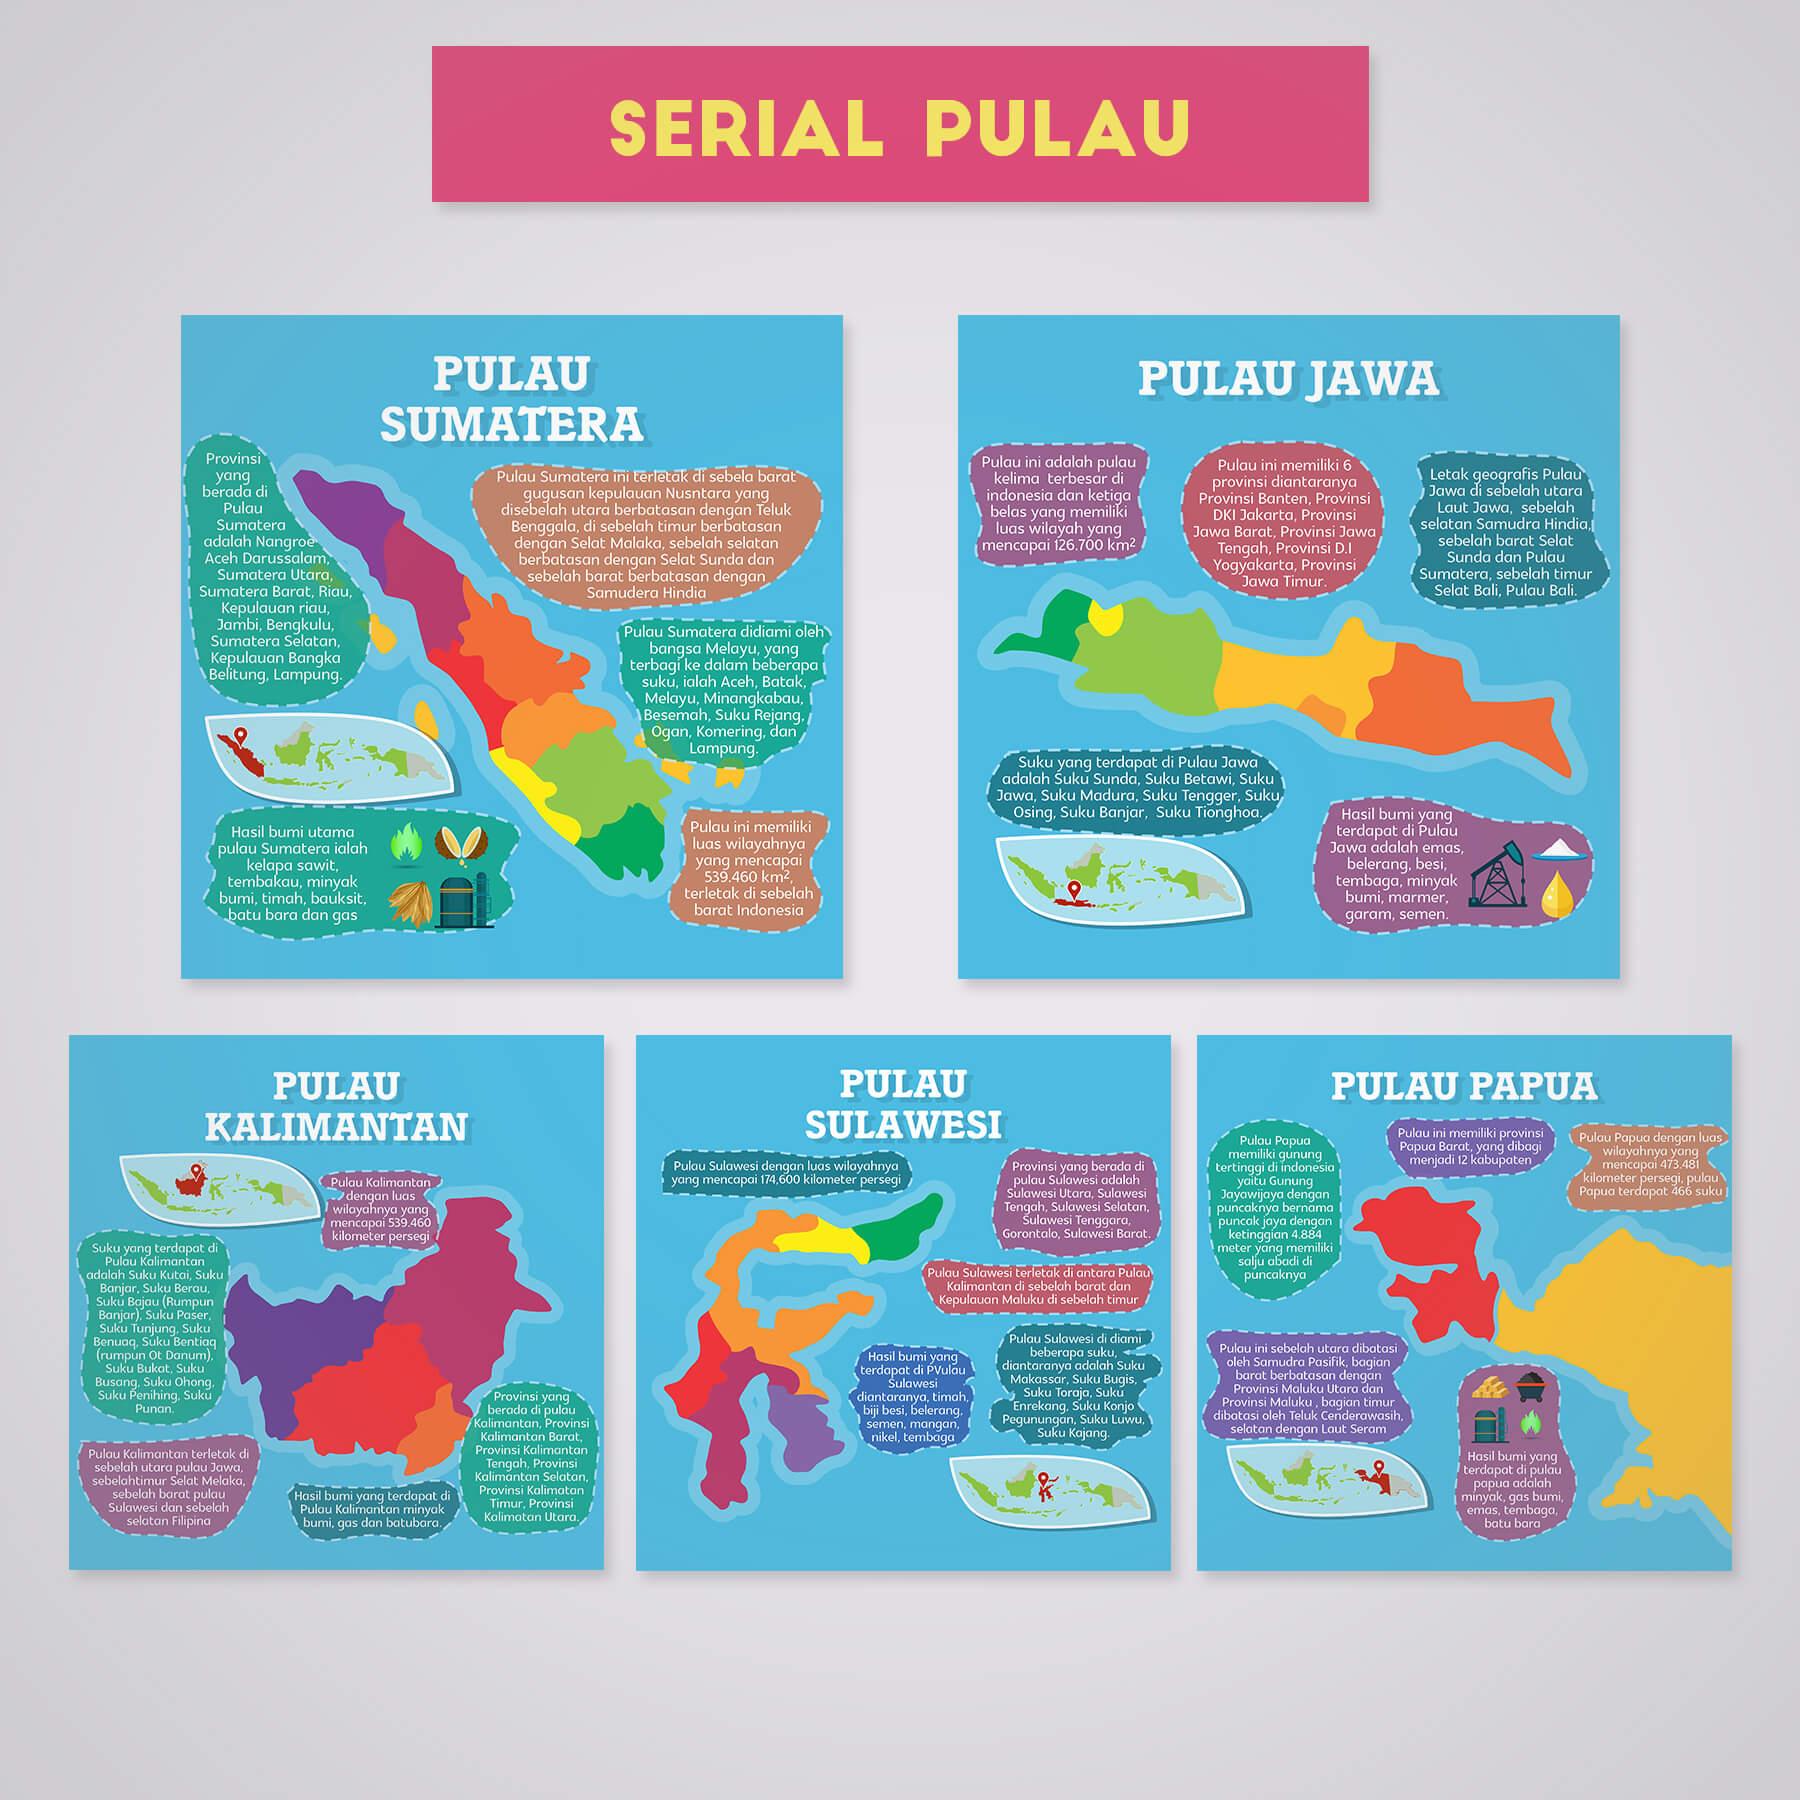 Desain Prita - Infografis serial pulau